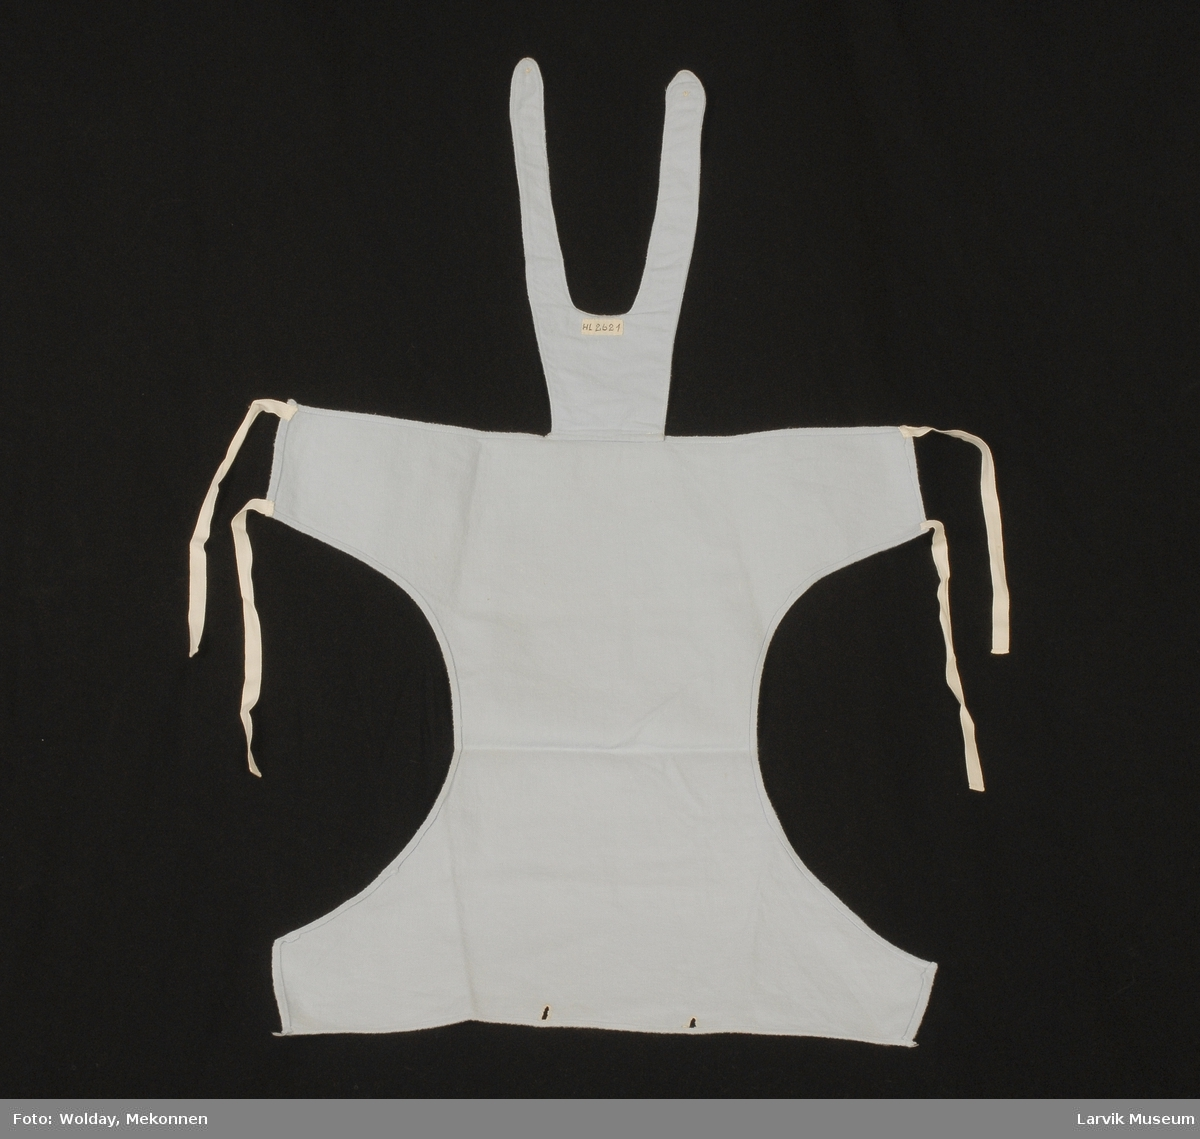 Form: løyertform med knyting bak, uten ben, knappehull på selene